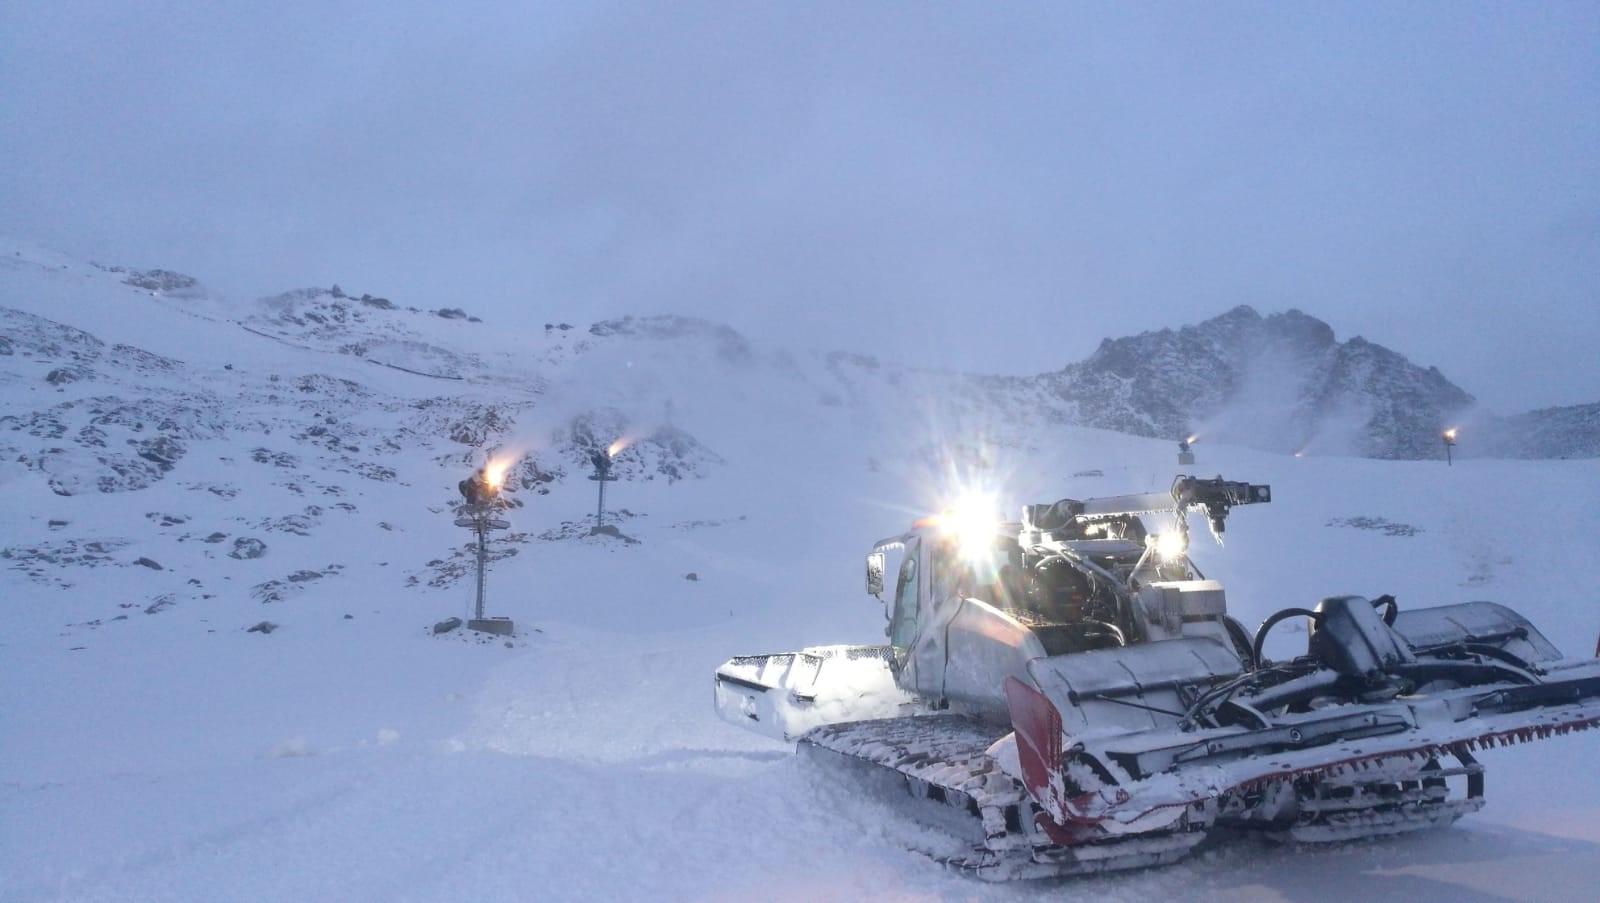 cestování / Jediný ledovec v rakouských Korutanech po krátkém vydechnutí opět s lyžaři